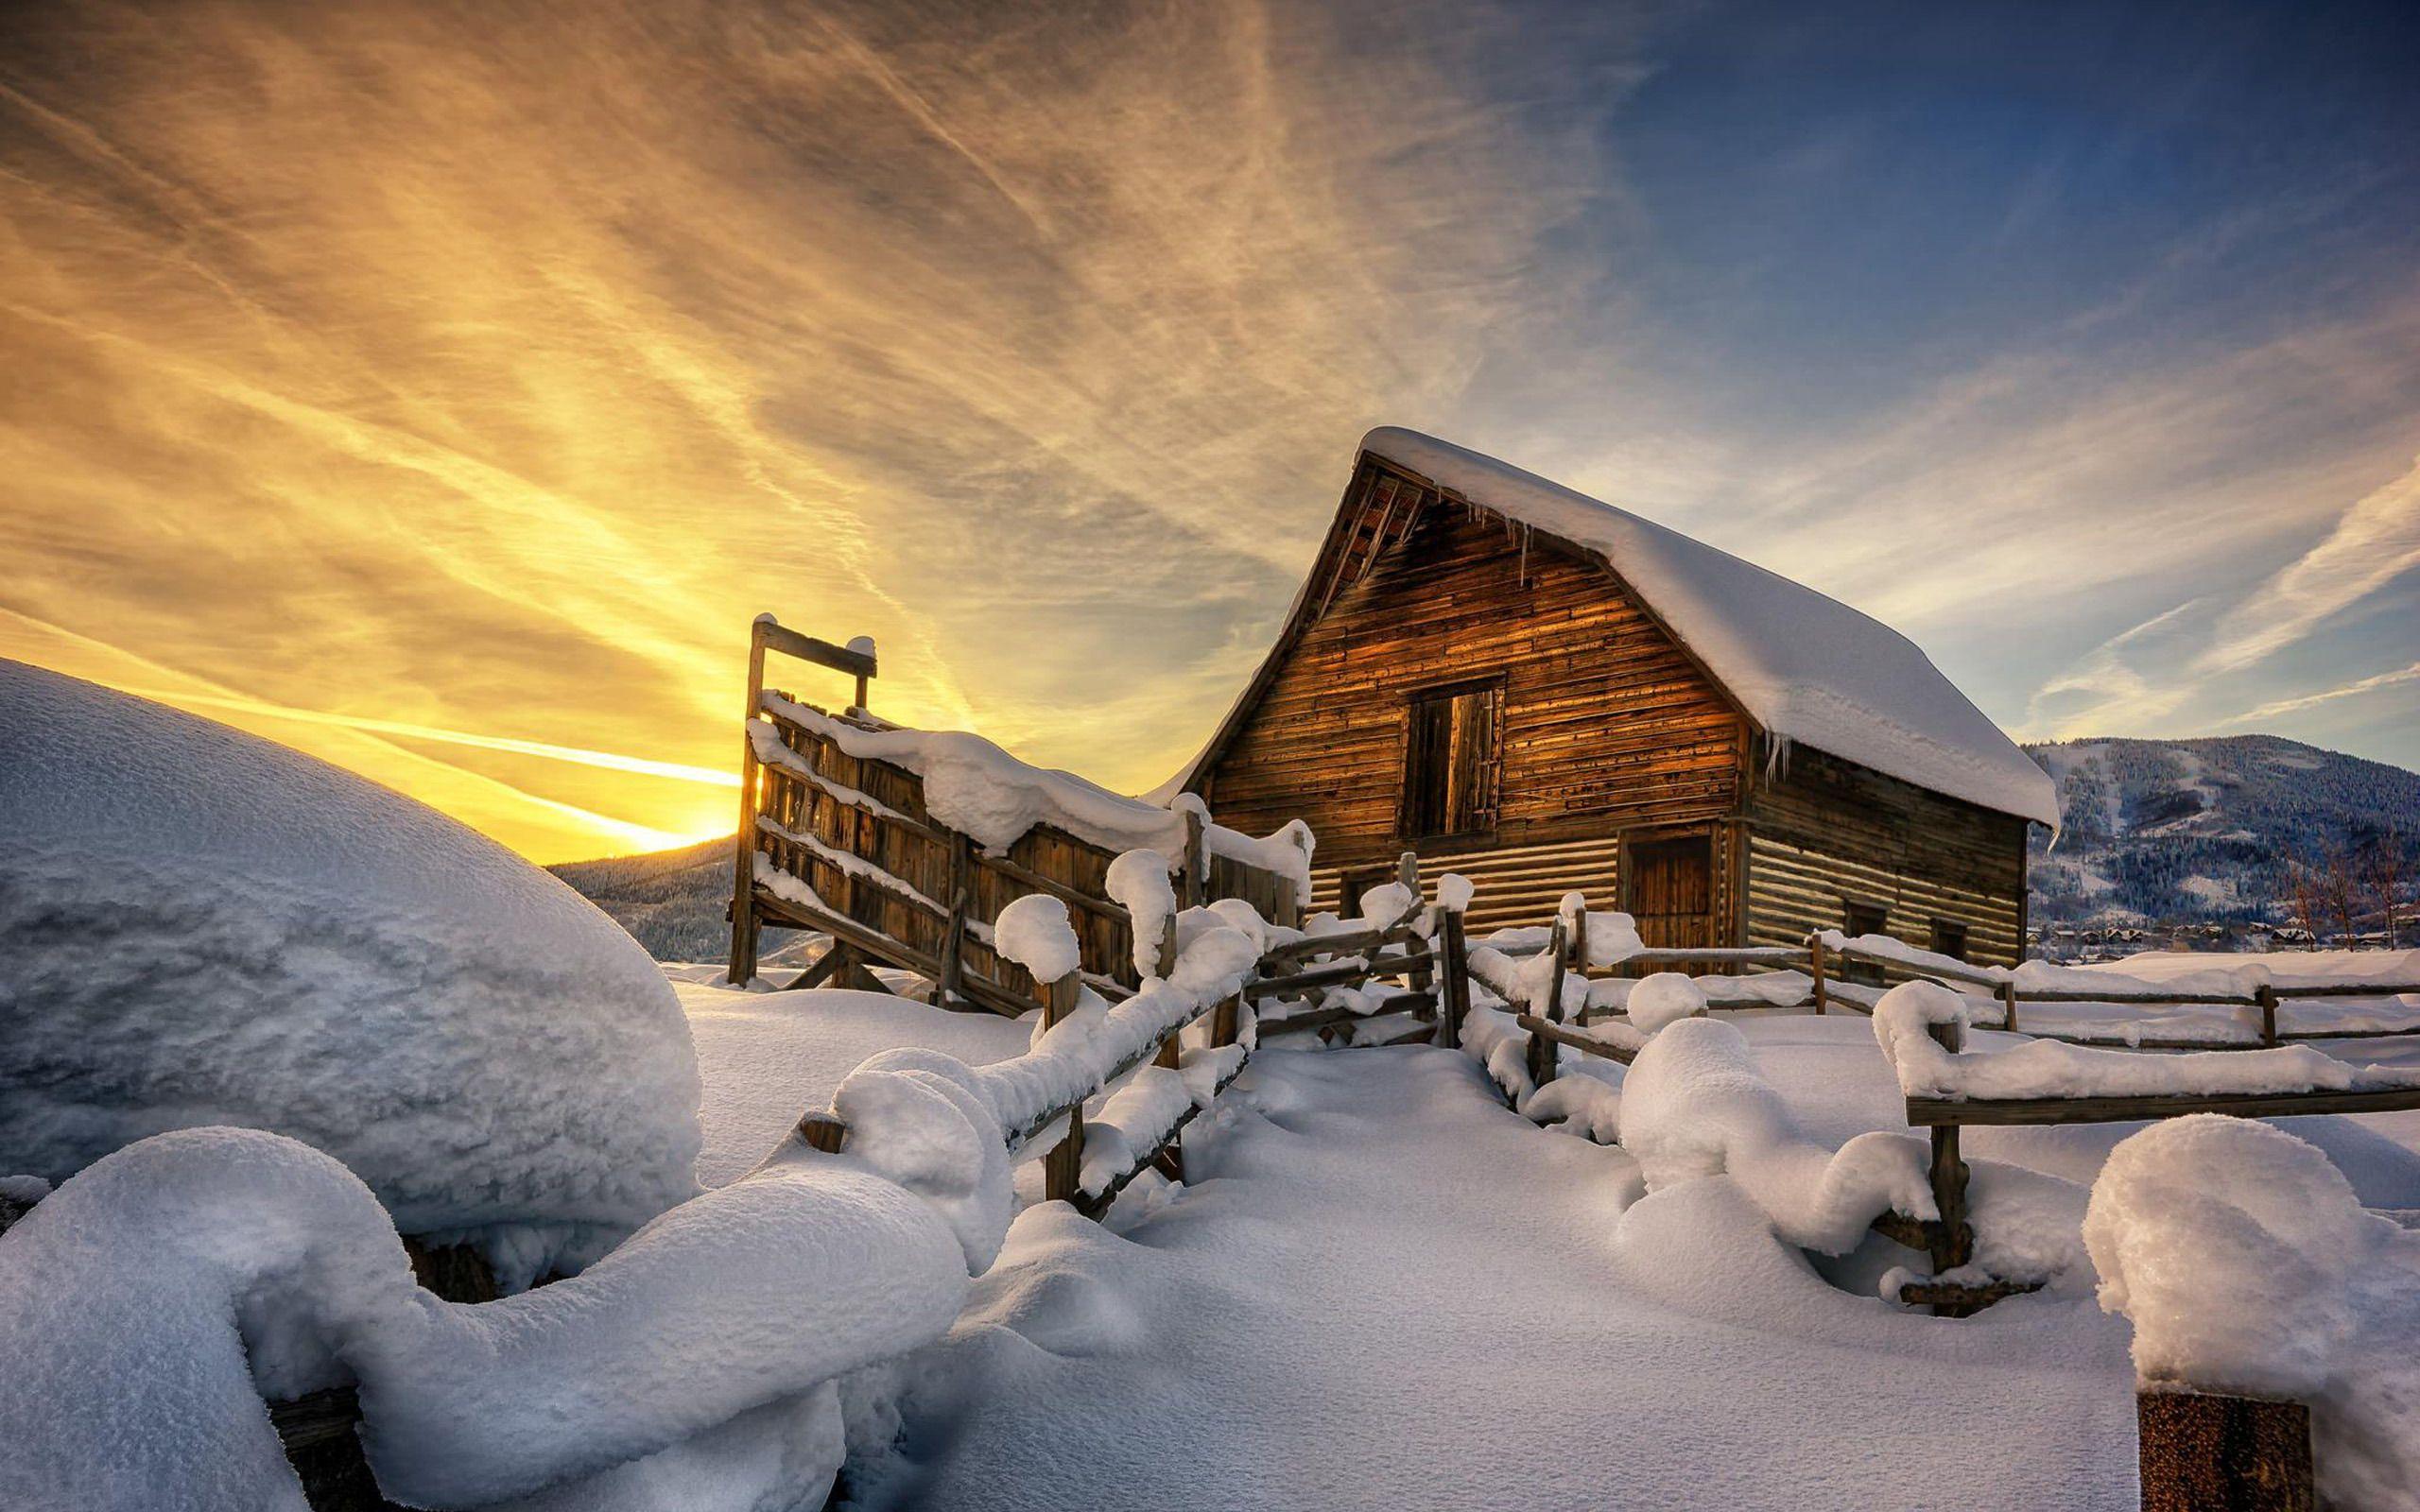 Cele Mai Spectaculoase Peisaje De Iarna Din Lume Ioana Budeanu Winter Scenery Winter Pictures Winter Background